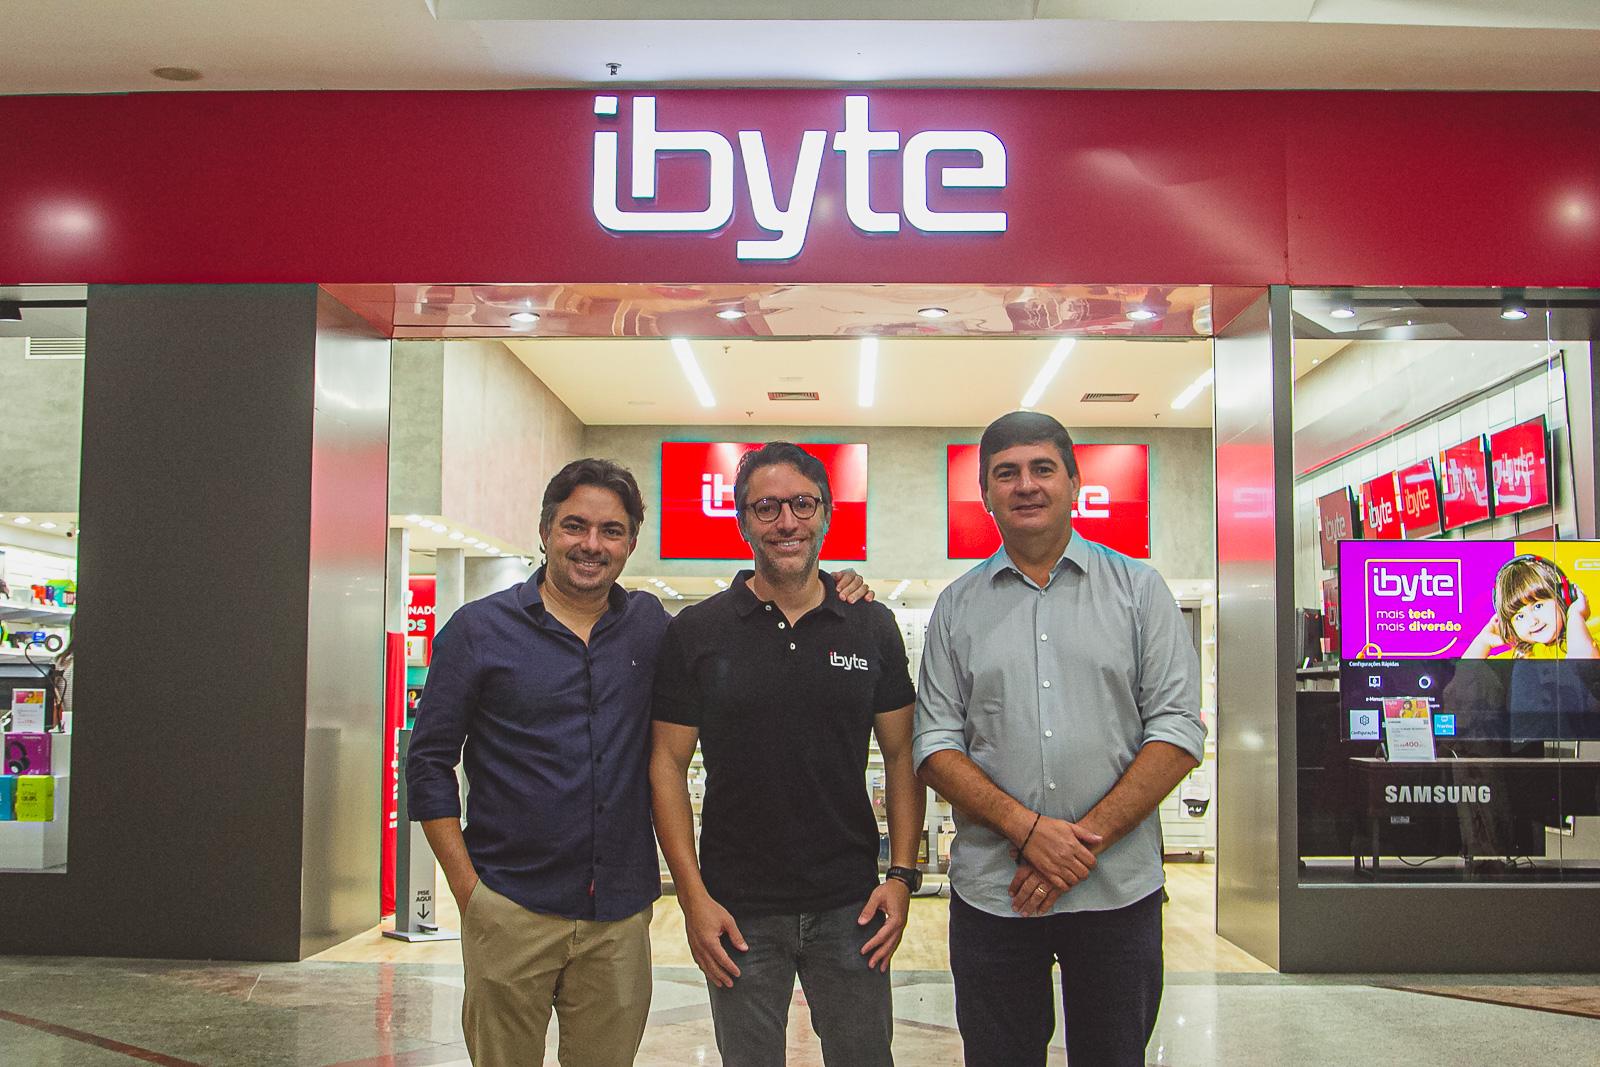 Com espaço ainda mais completo, ibyte reinaugura loja no Shopping Iguatemi Fortaleza